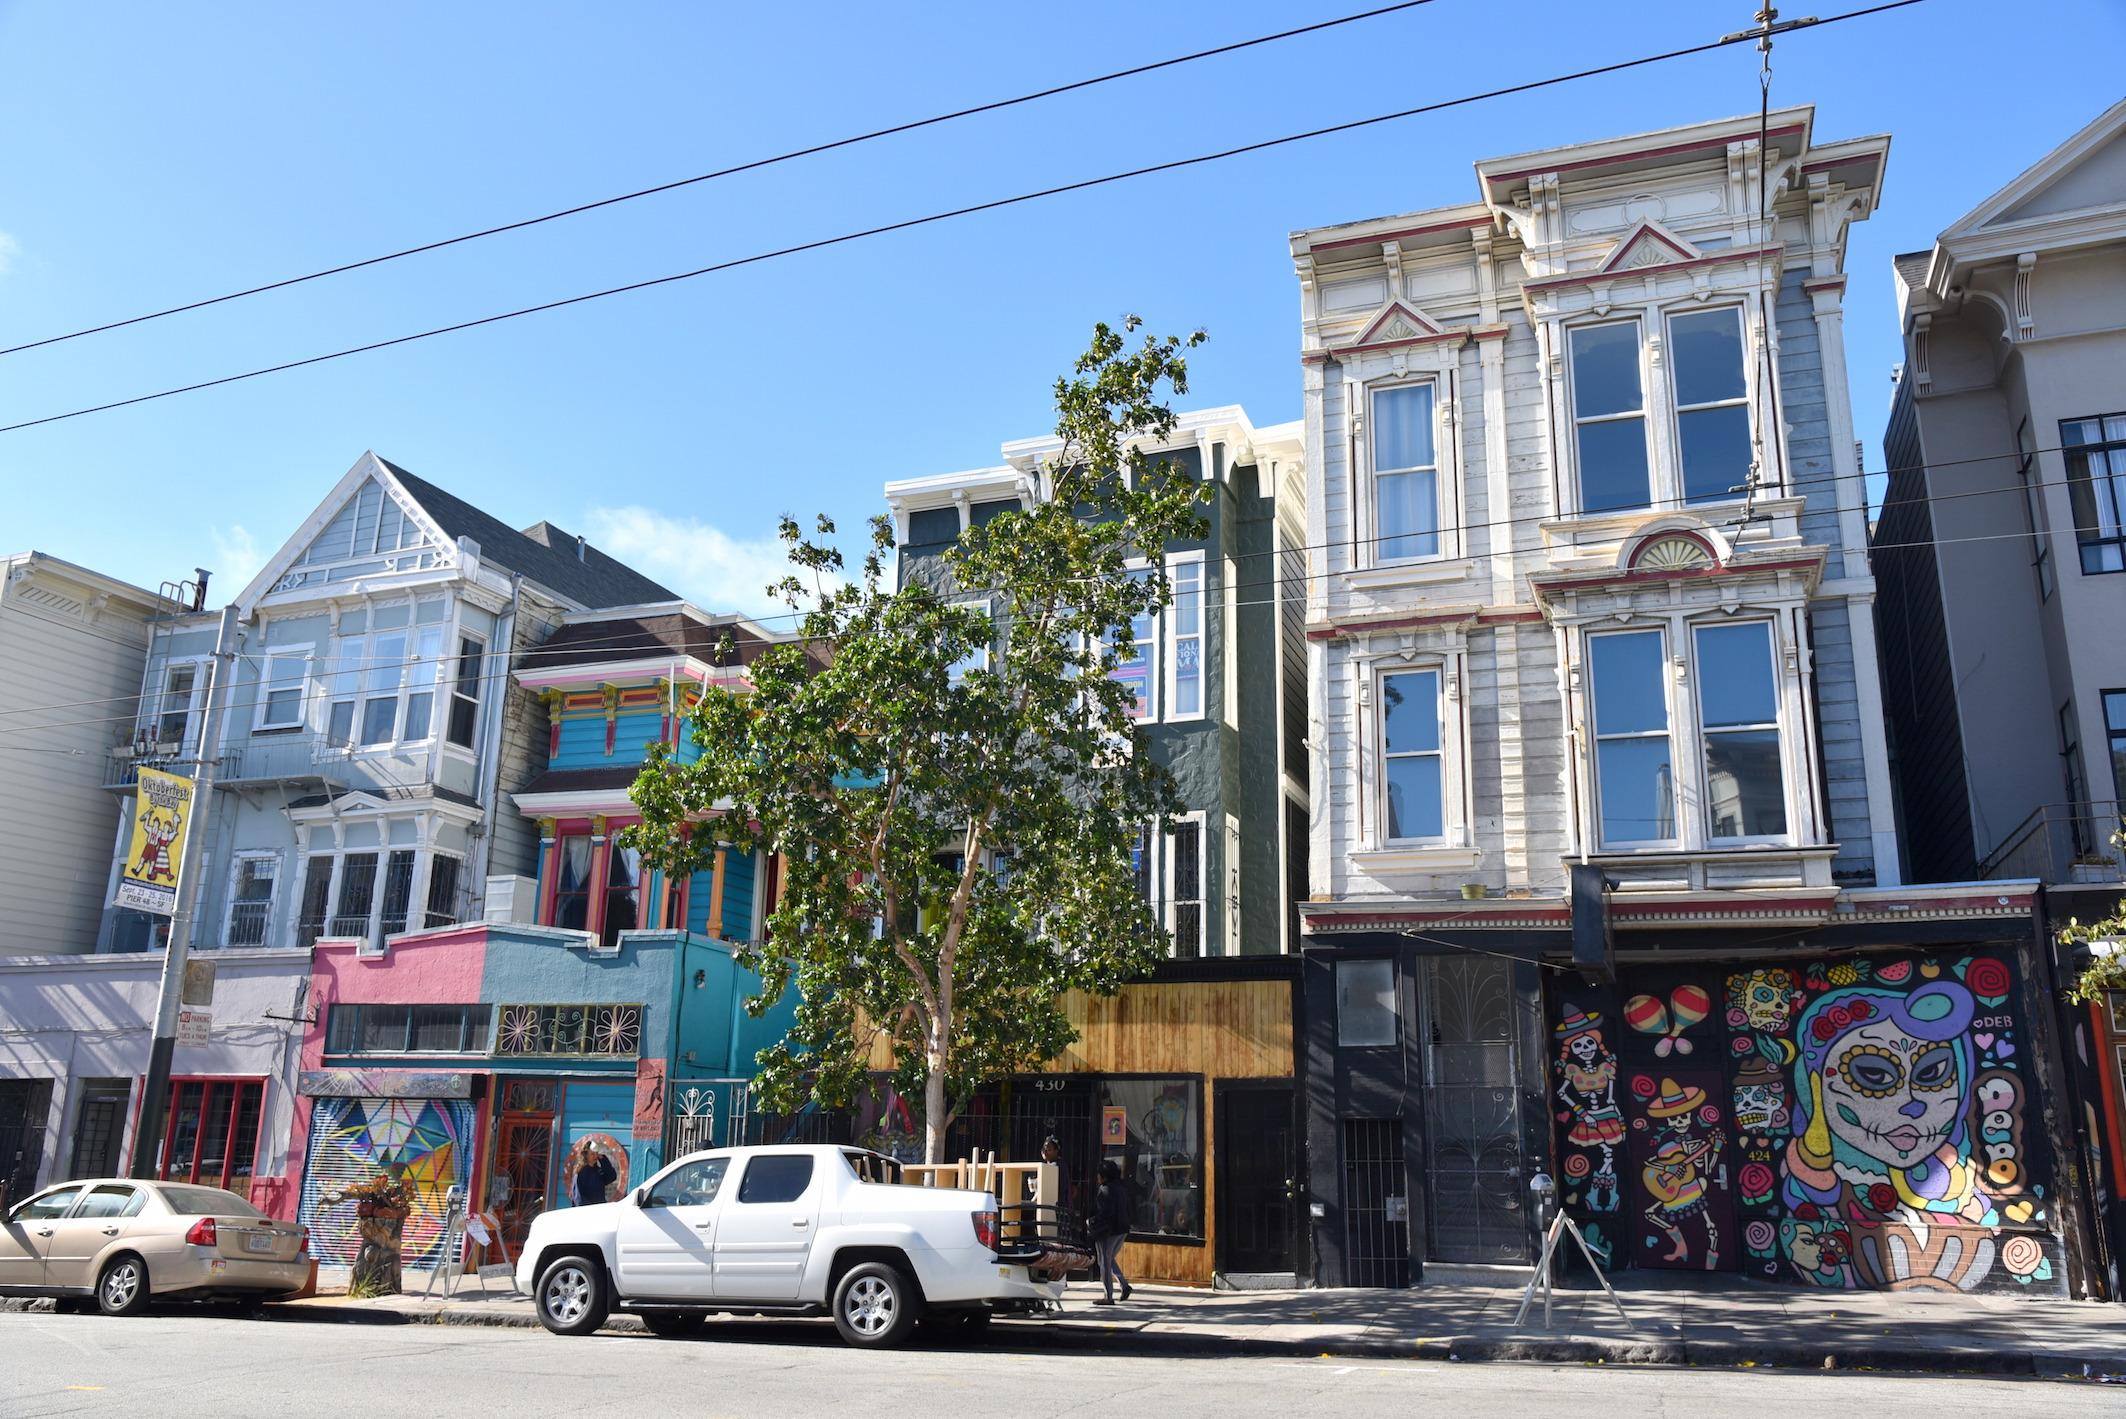 Haight Ashbury hippy neighborhood San Francisco